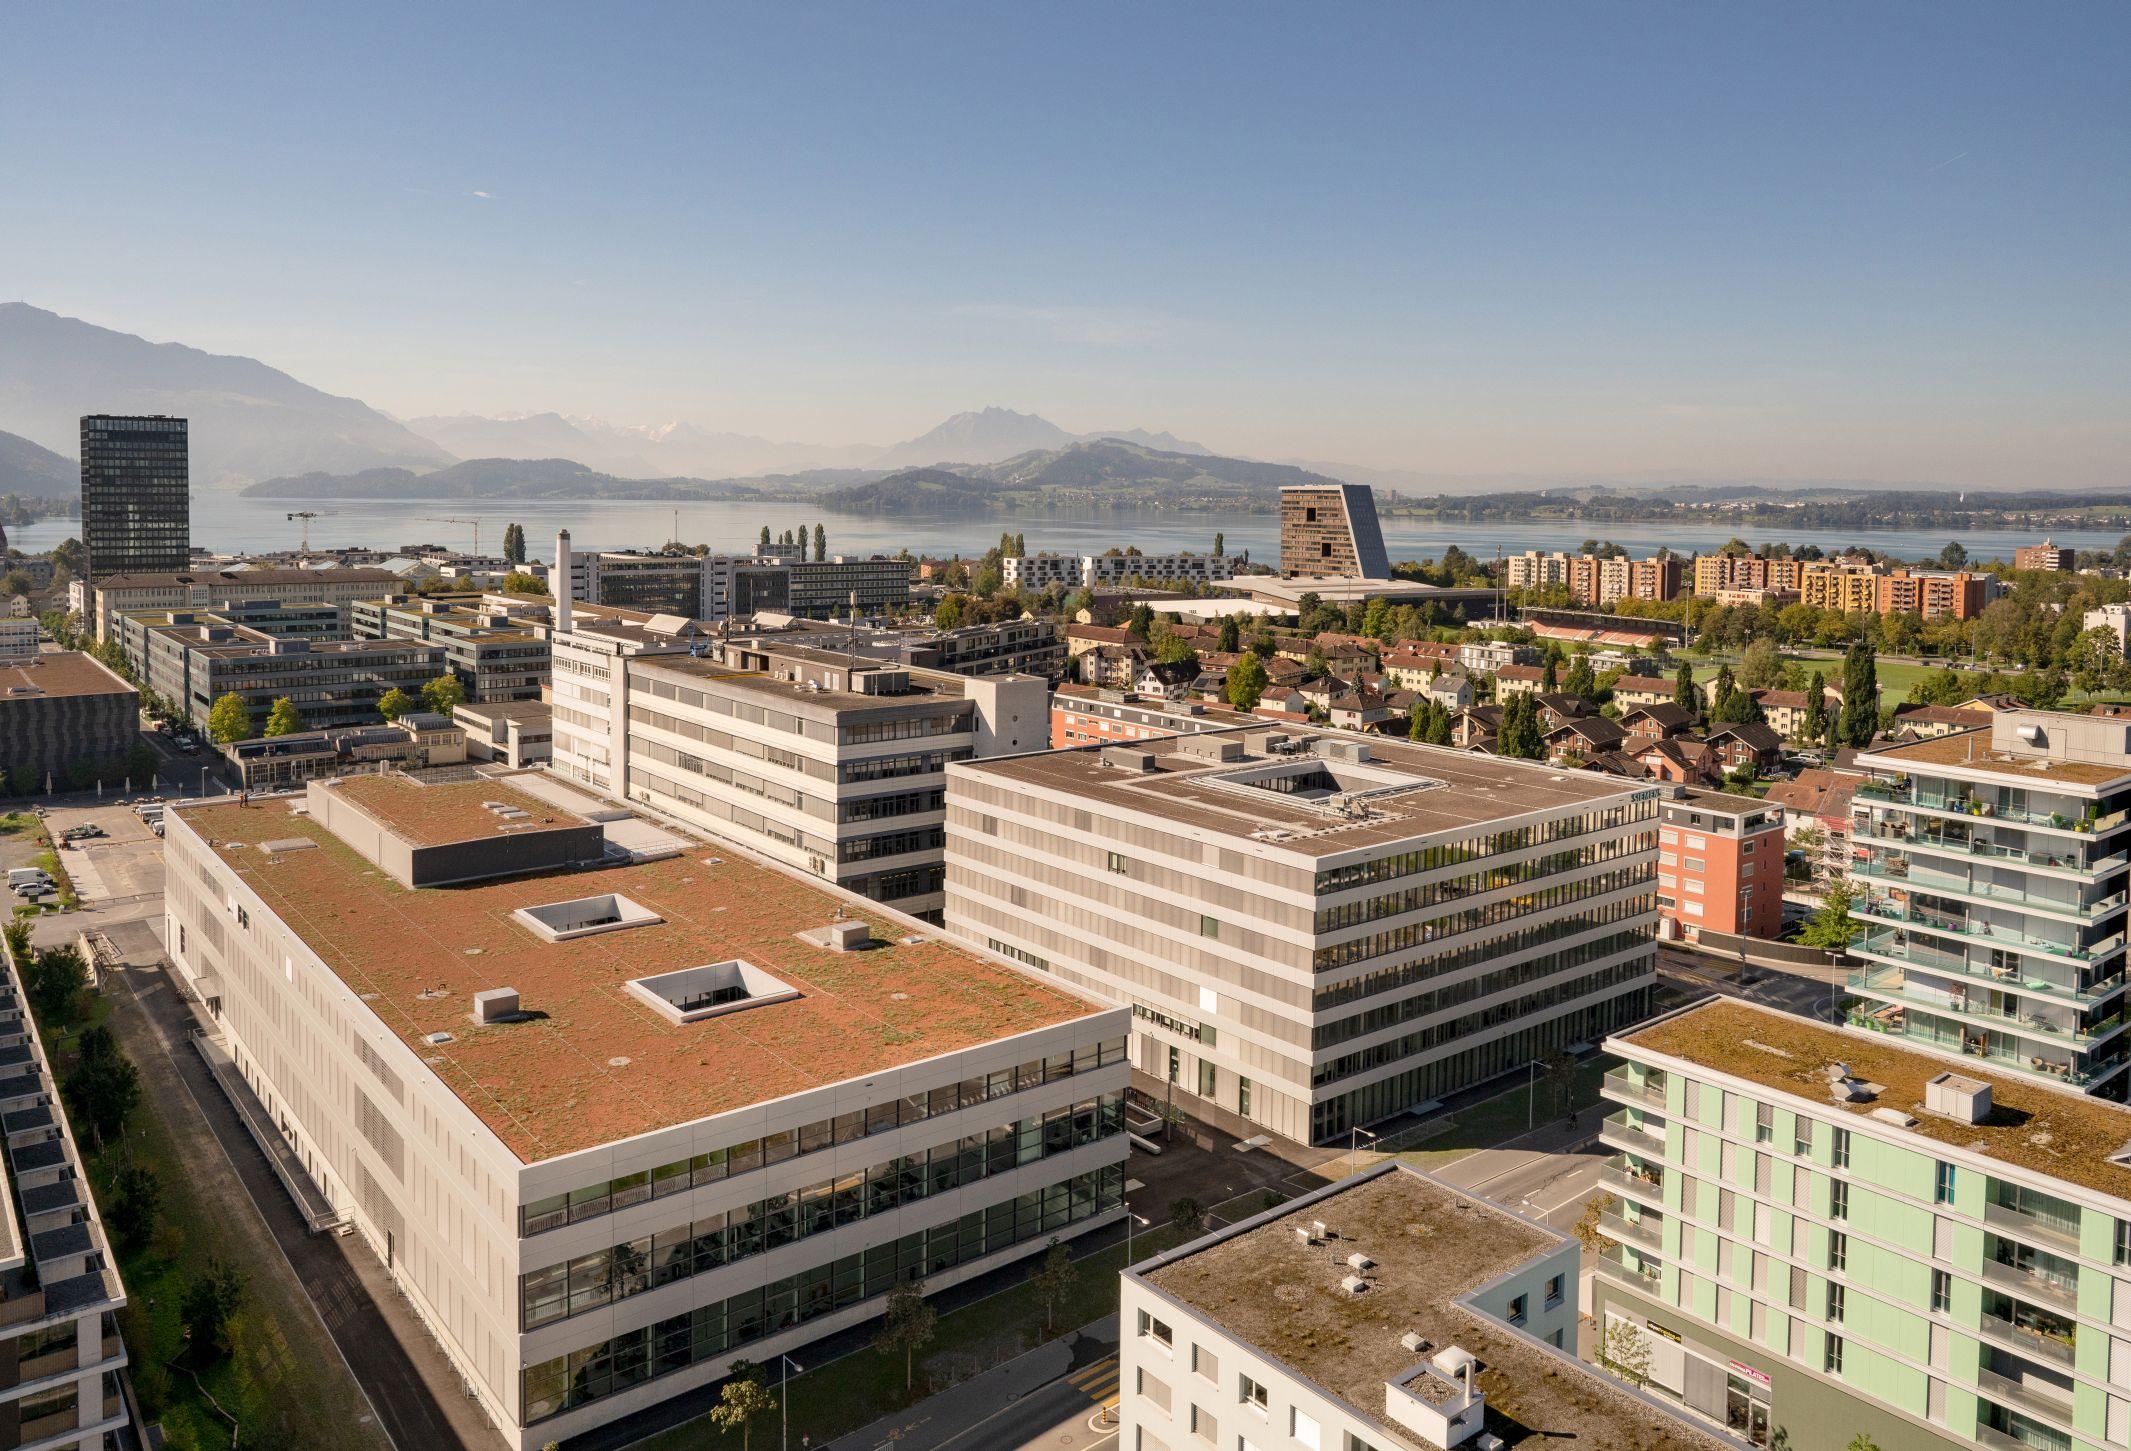 Einweihung des neuen Siemens Campus in Zug / Inauguration of the new Siemens Campus in Zug